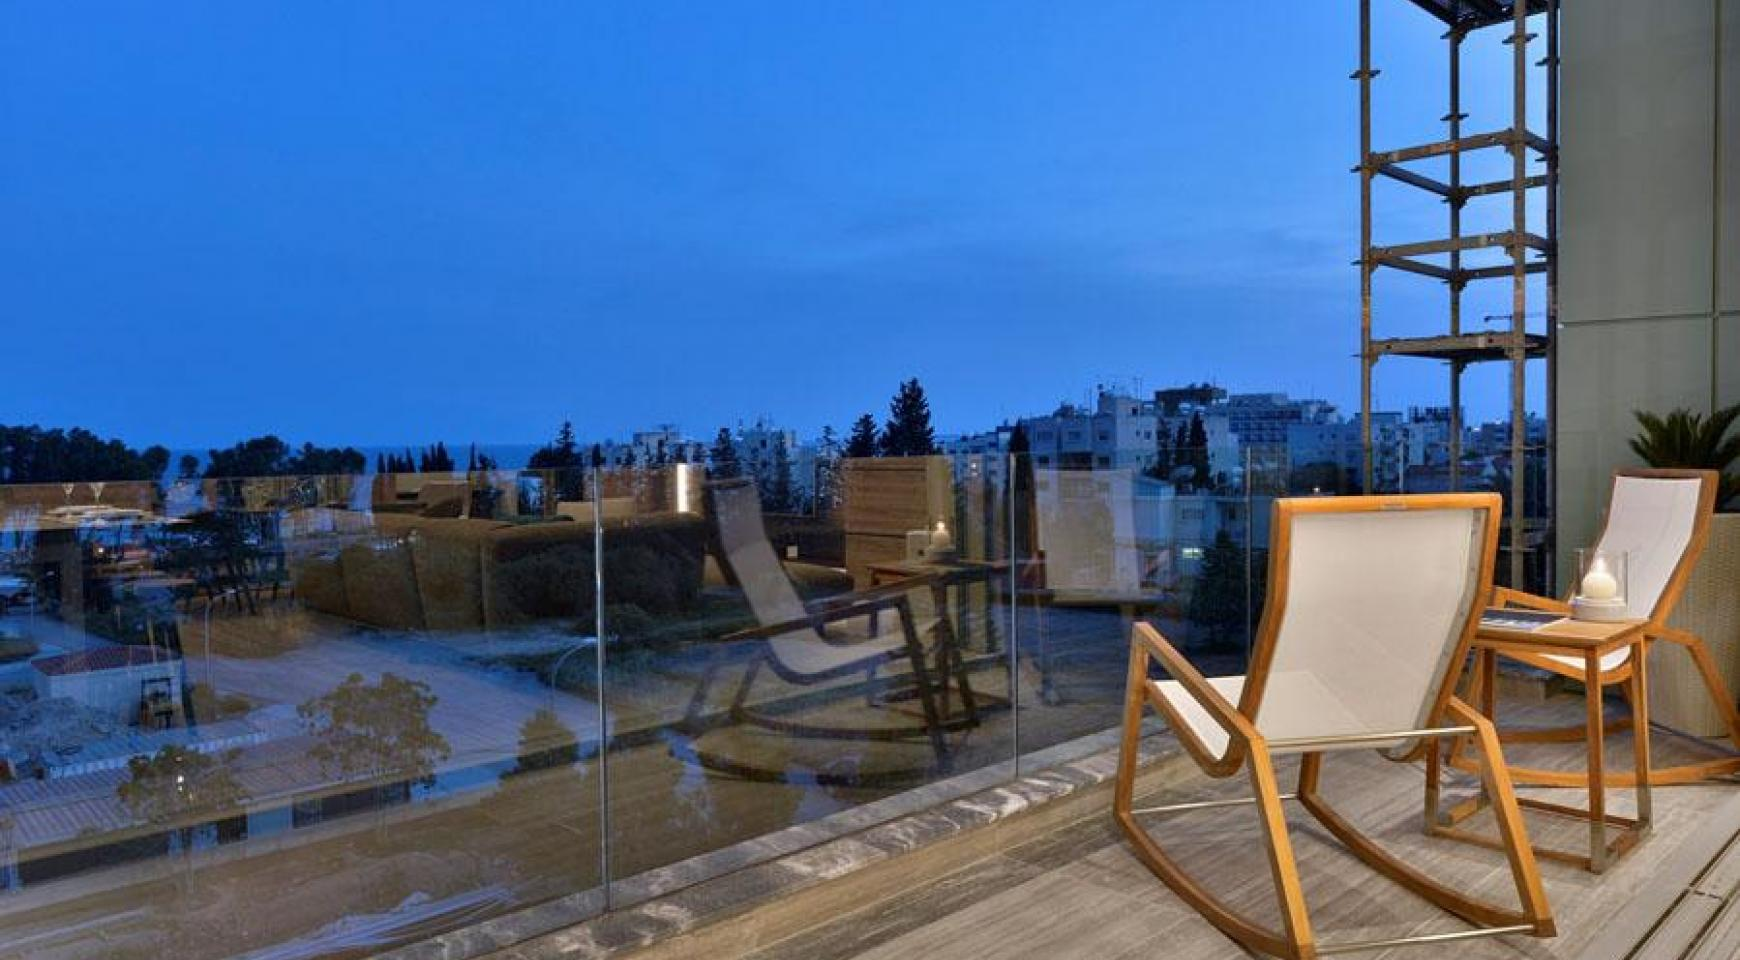 Элитный Двухуровневый Пентхаус с Террасой на Крыше возле Моря - 14